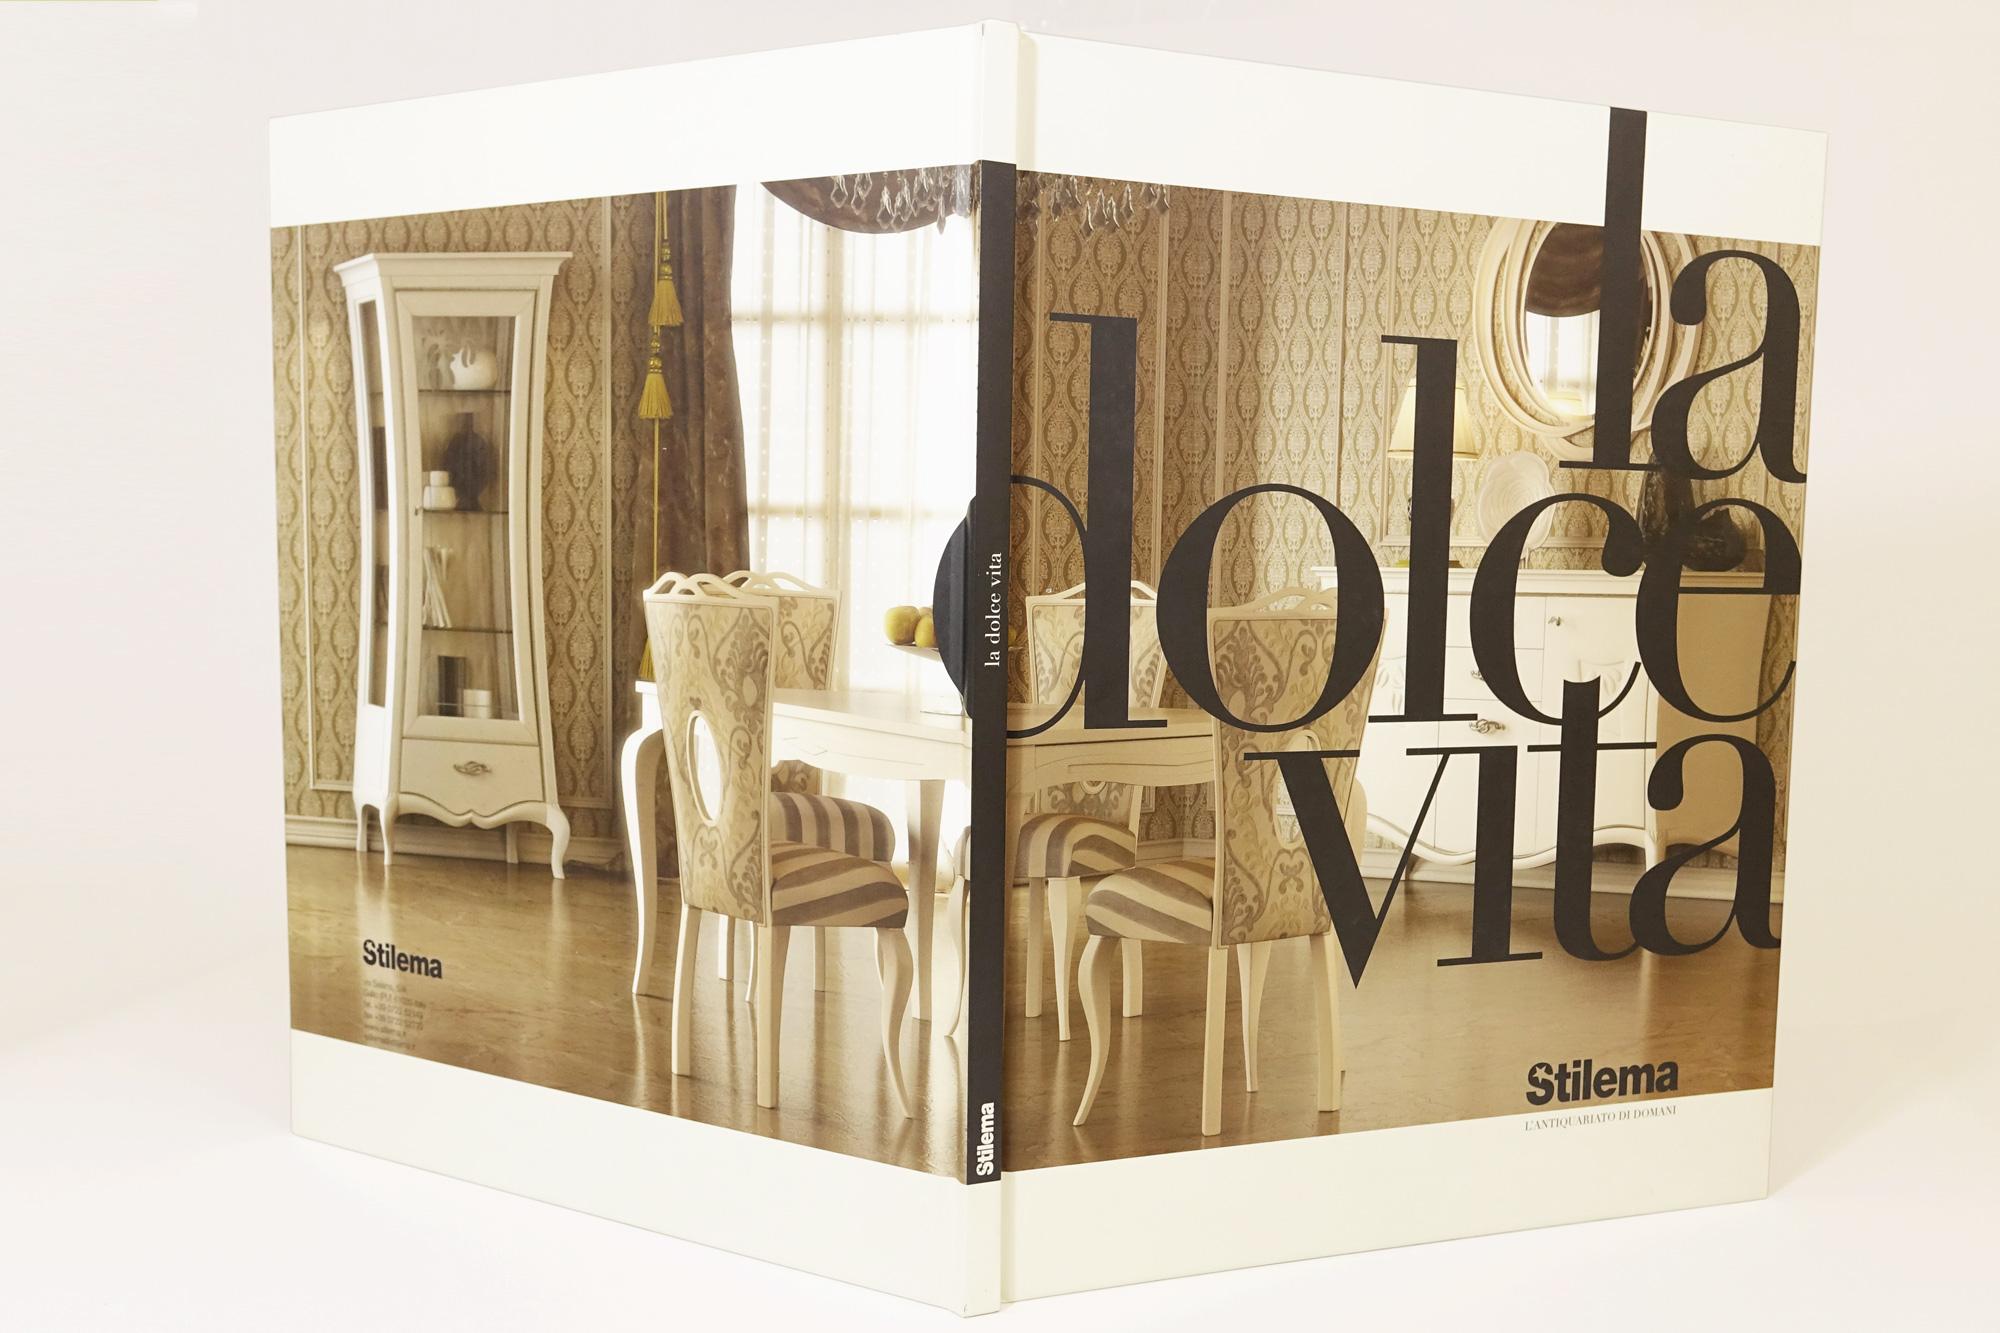 studio bartolini cataloghi grafici rendering 3D Stilema la Dolce Vita Urbino Mobile classico 2